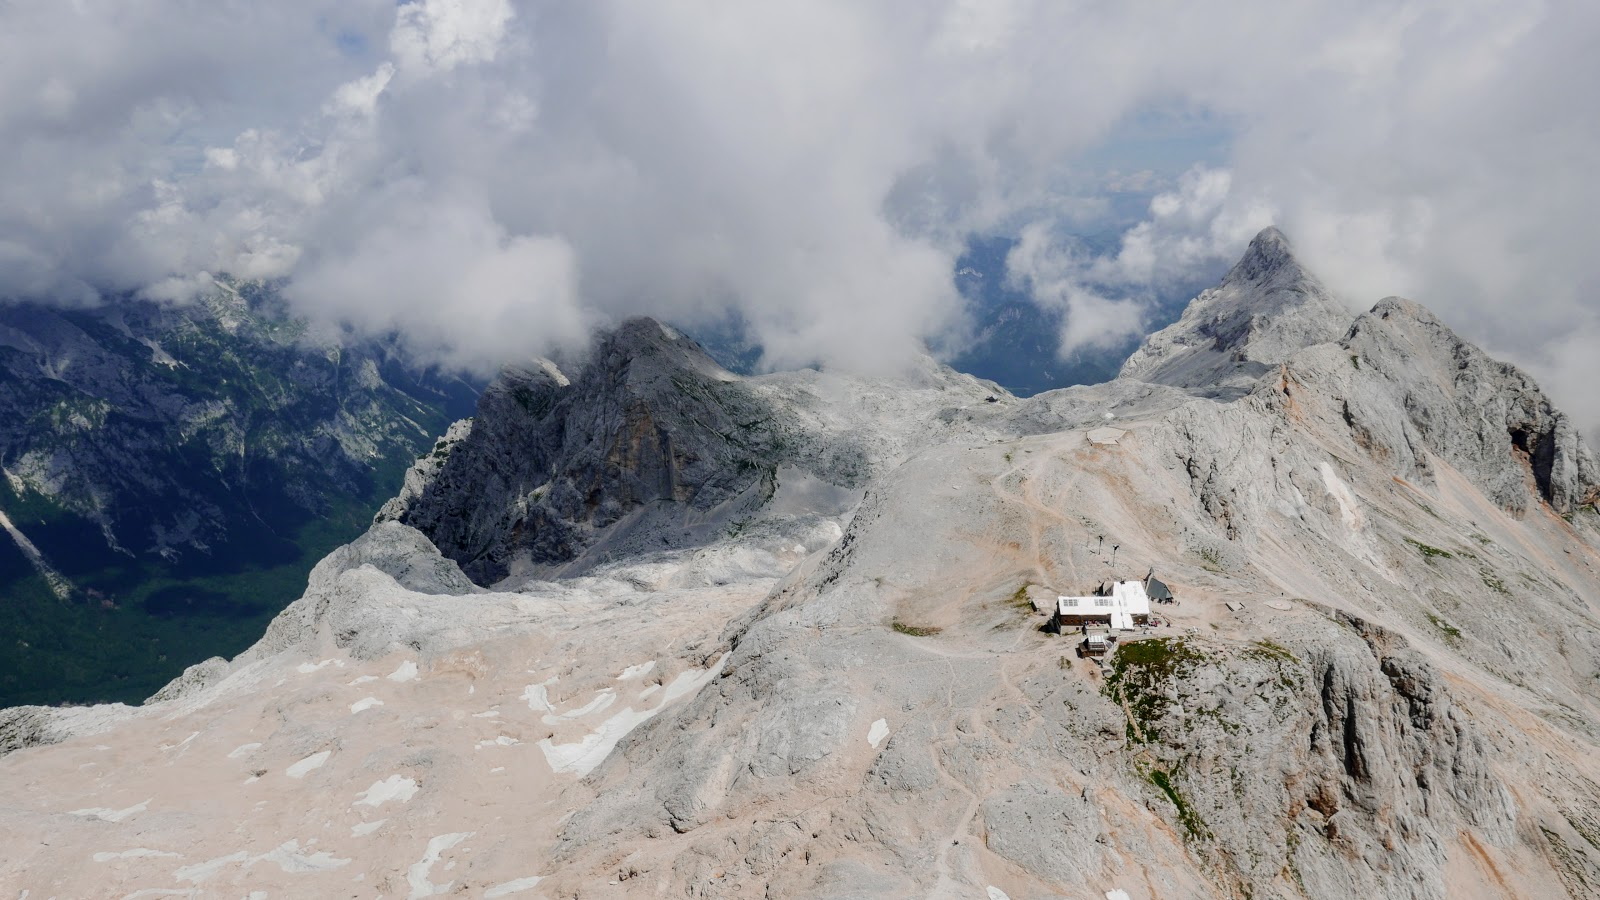 triglav szczyt, triglav zdjęcia, triglav jak wejść, triglav w jeden dzień, triglav ferrata, triglav w lipcu, triglav z mojstrany, najwyższy szczyt słowenii, alpy julisjkie